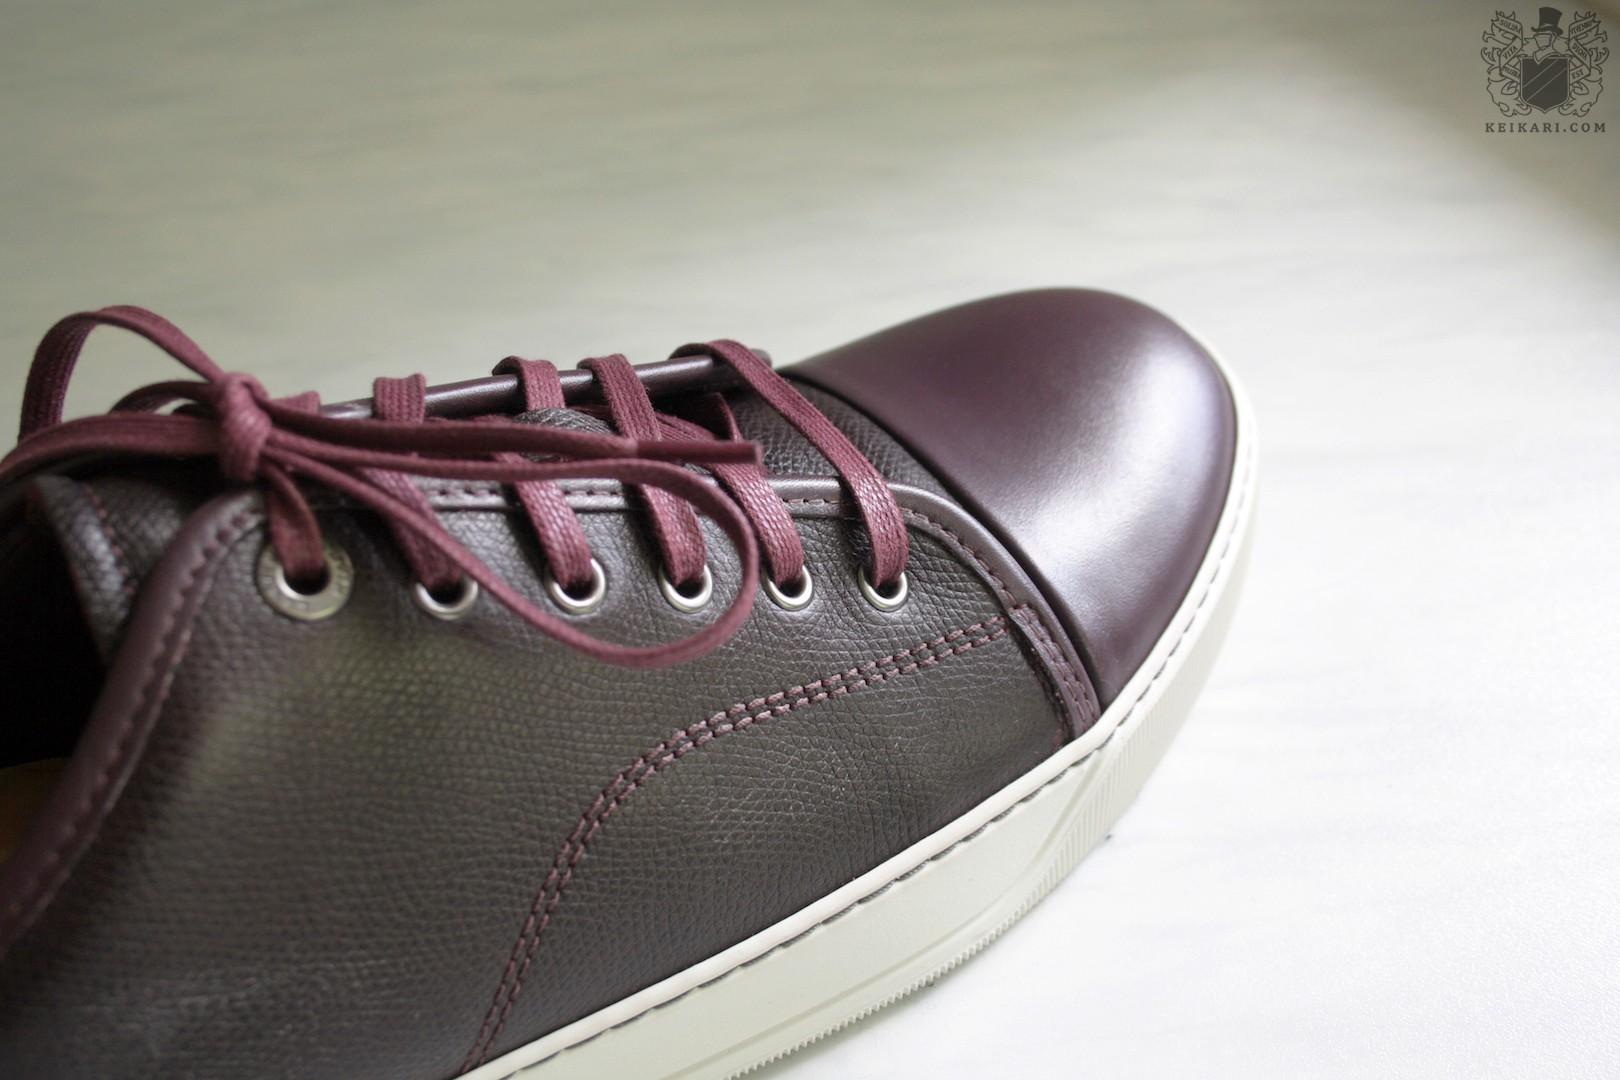 Anatomy_and_review_of_Lanvin_sneakers_at_Keikari_dot_com09.jpg